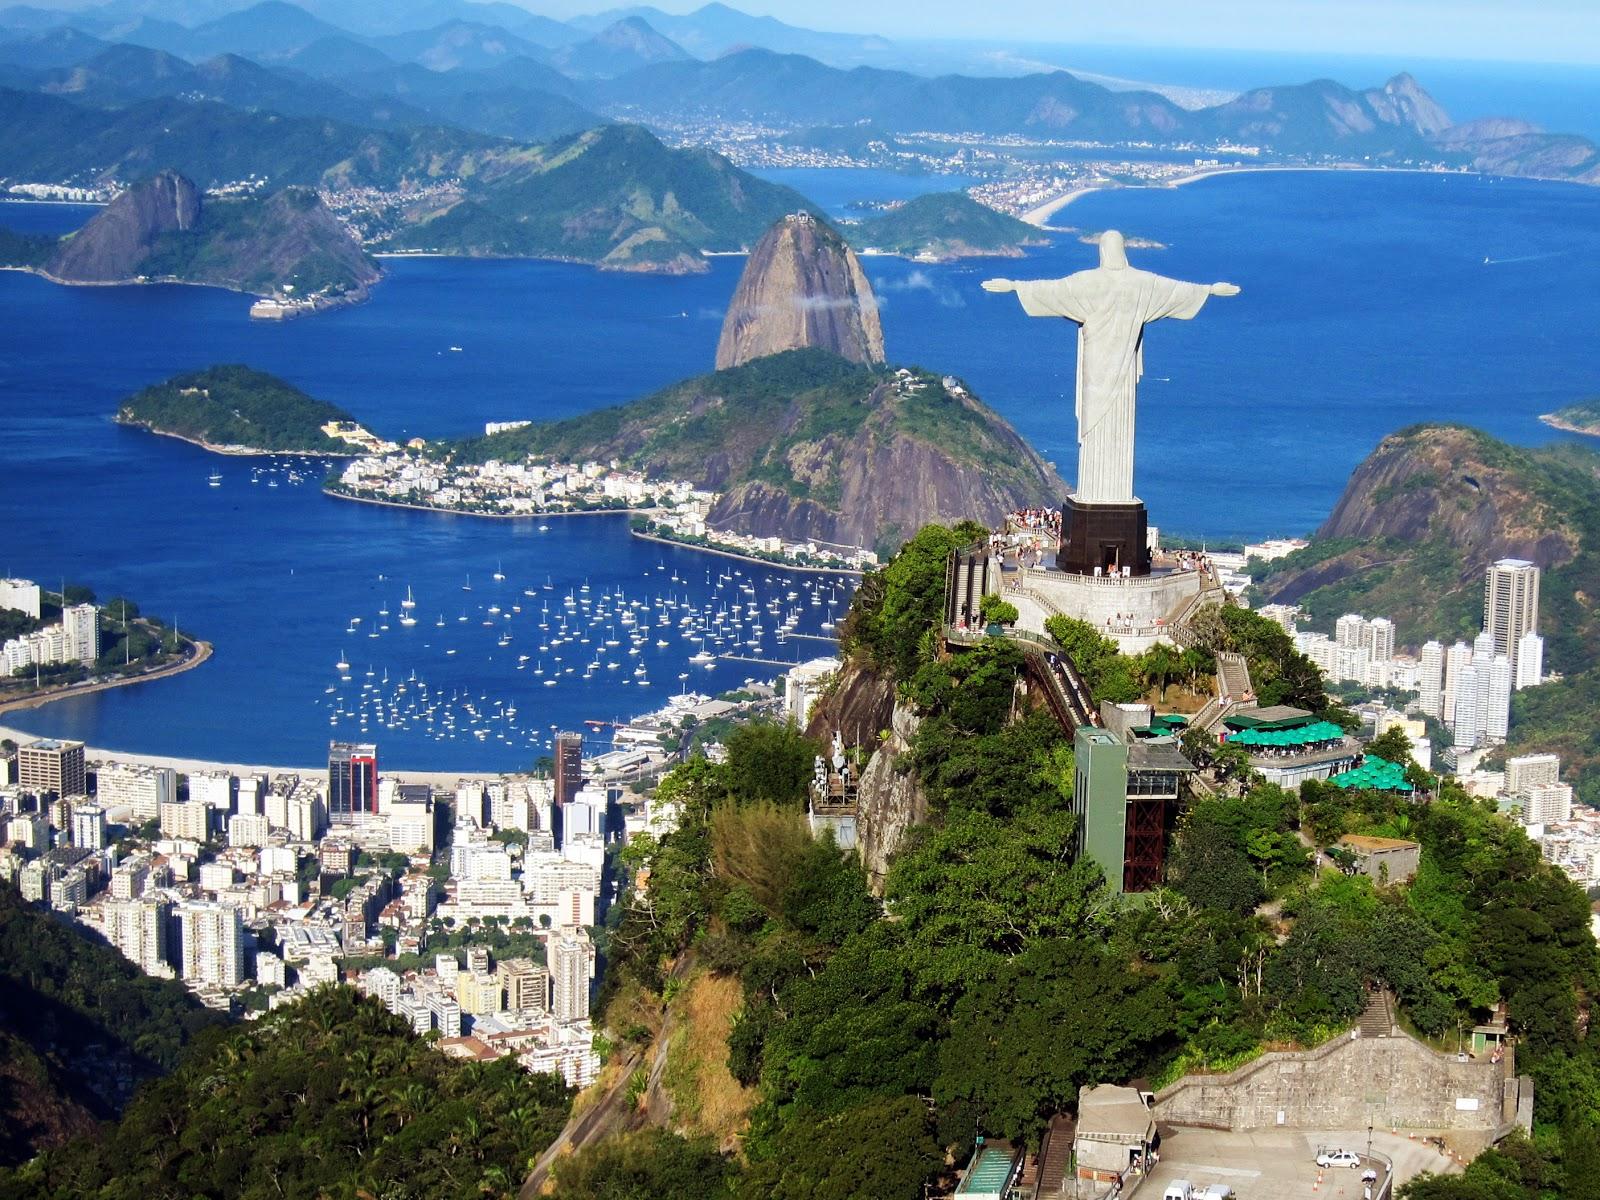 Imagem Panorâmica da Cidade do Rio de Janeiro